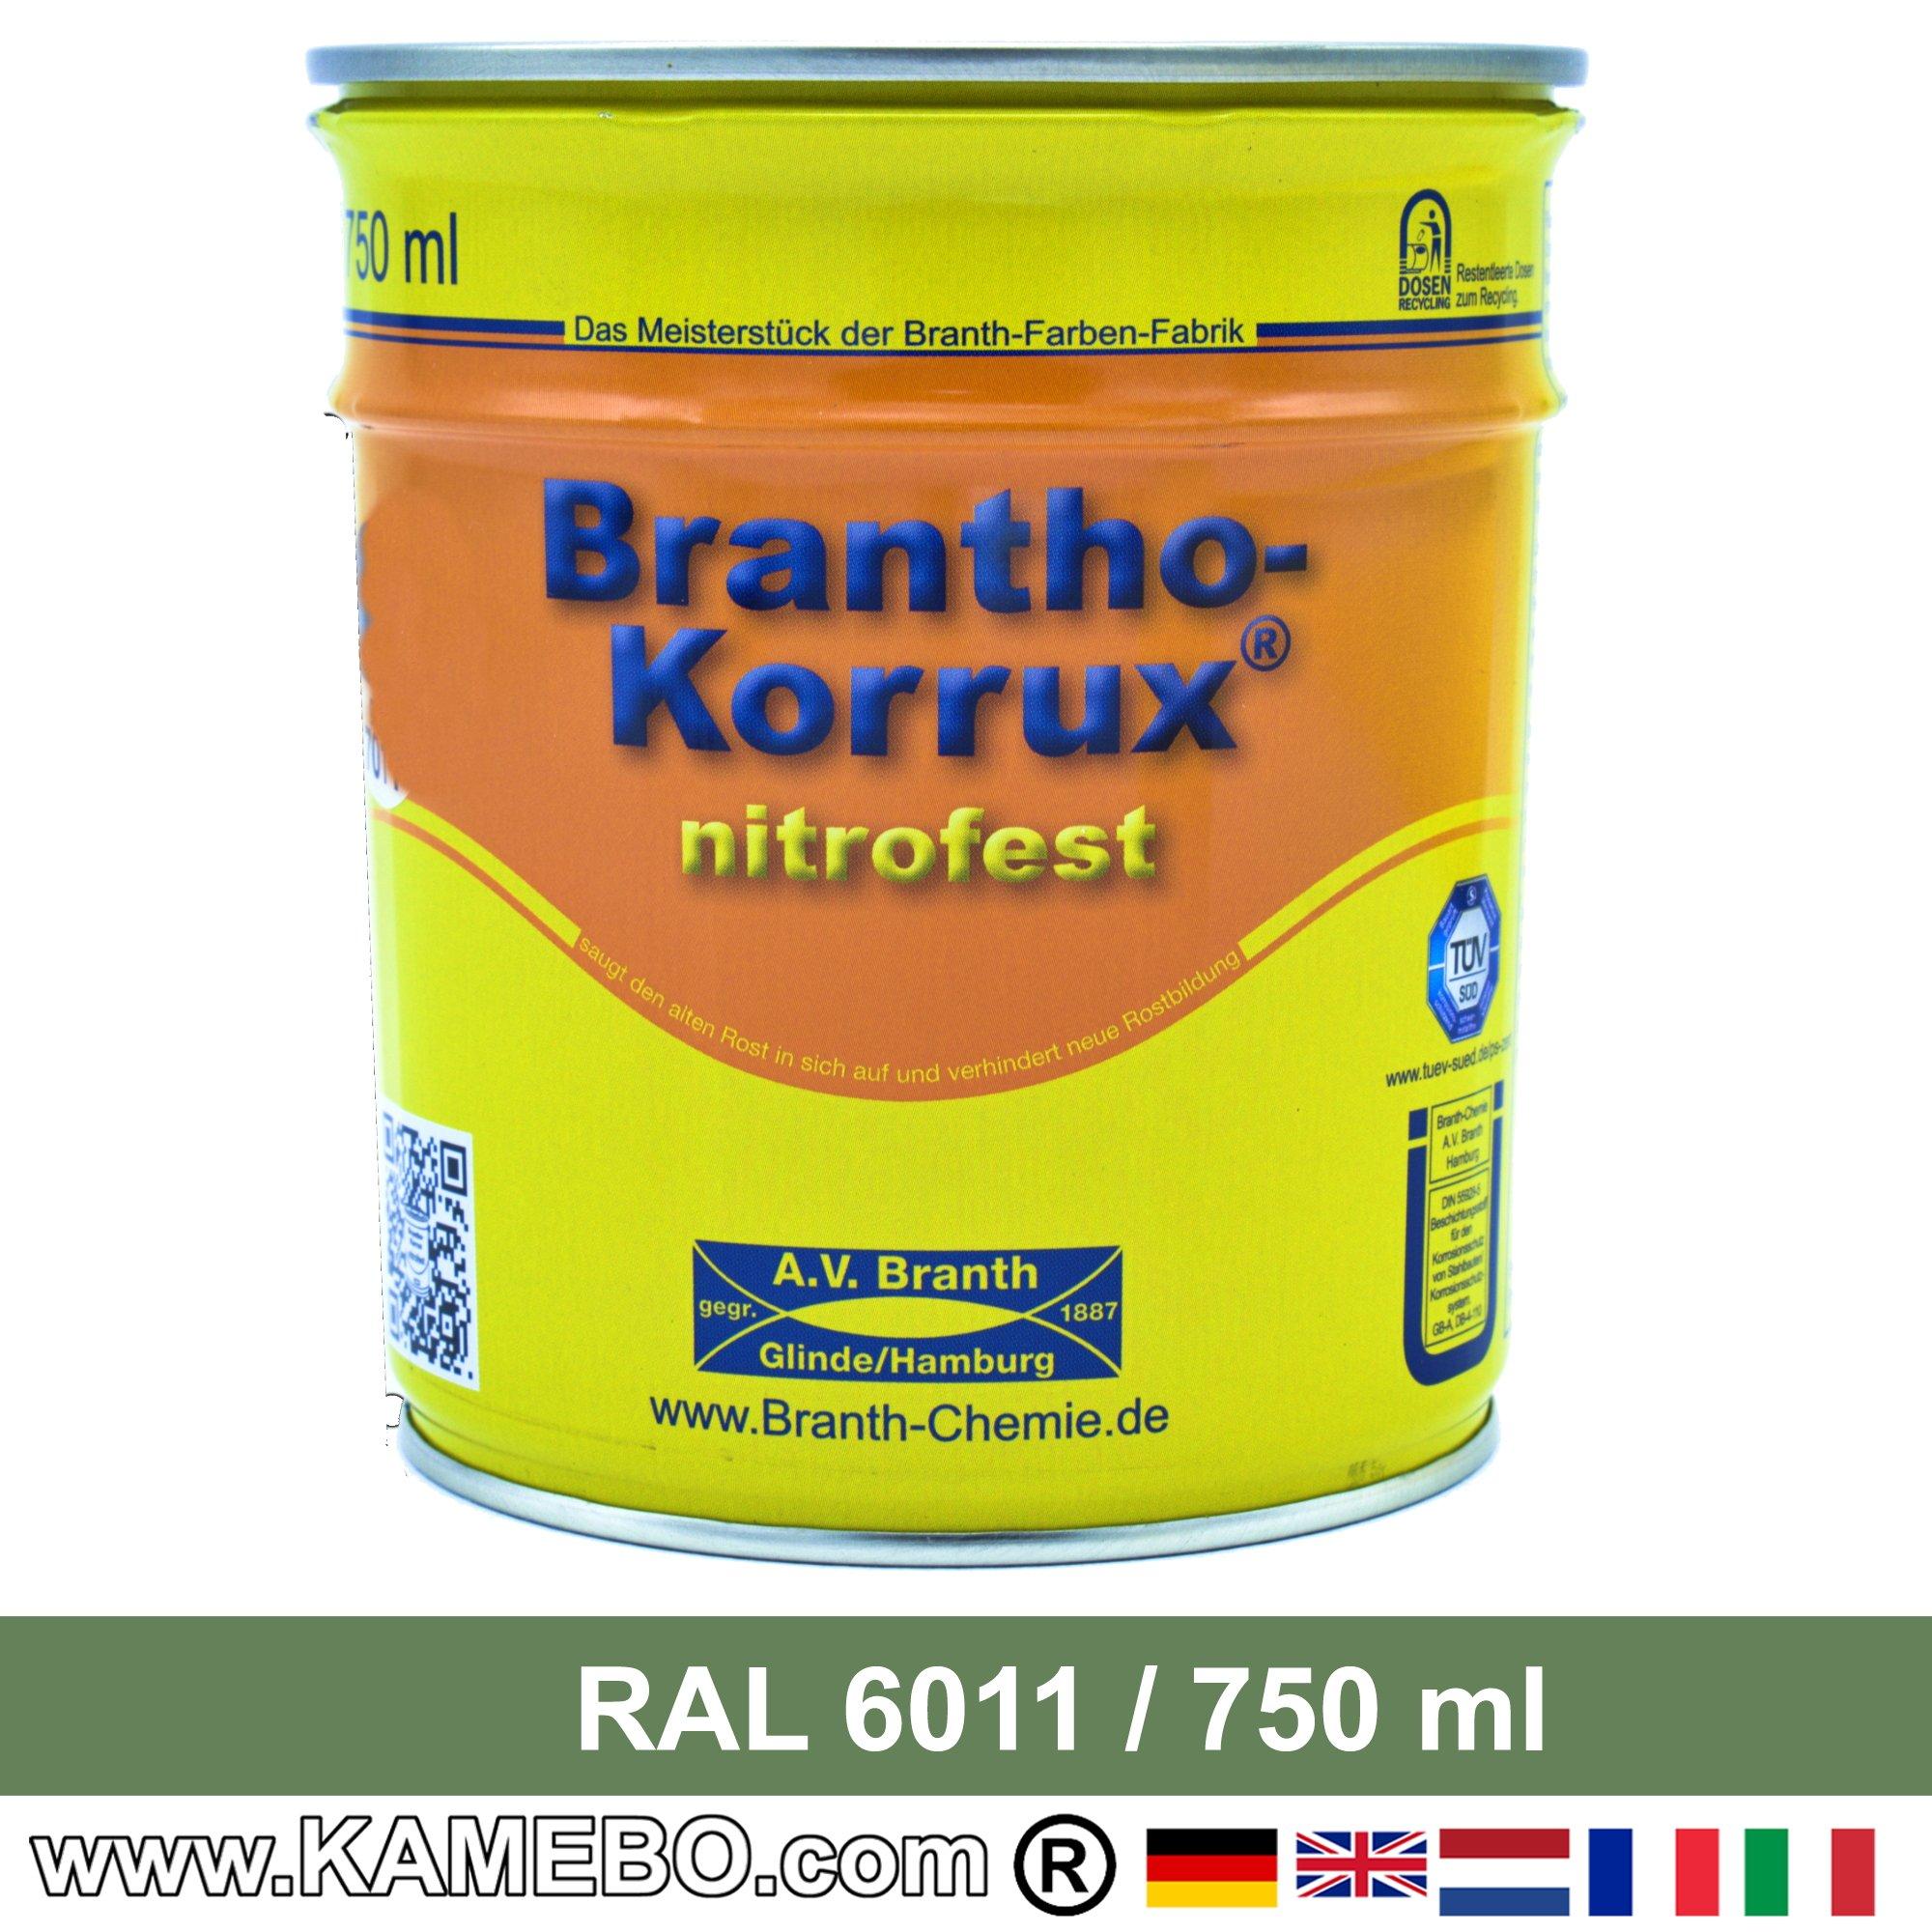 brantho korrux nitrofest korrosionsschutzlack ral 6011. Black Bedroom Furniture Sets. Home Design Ideas